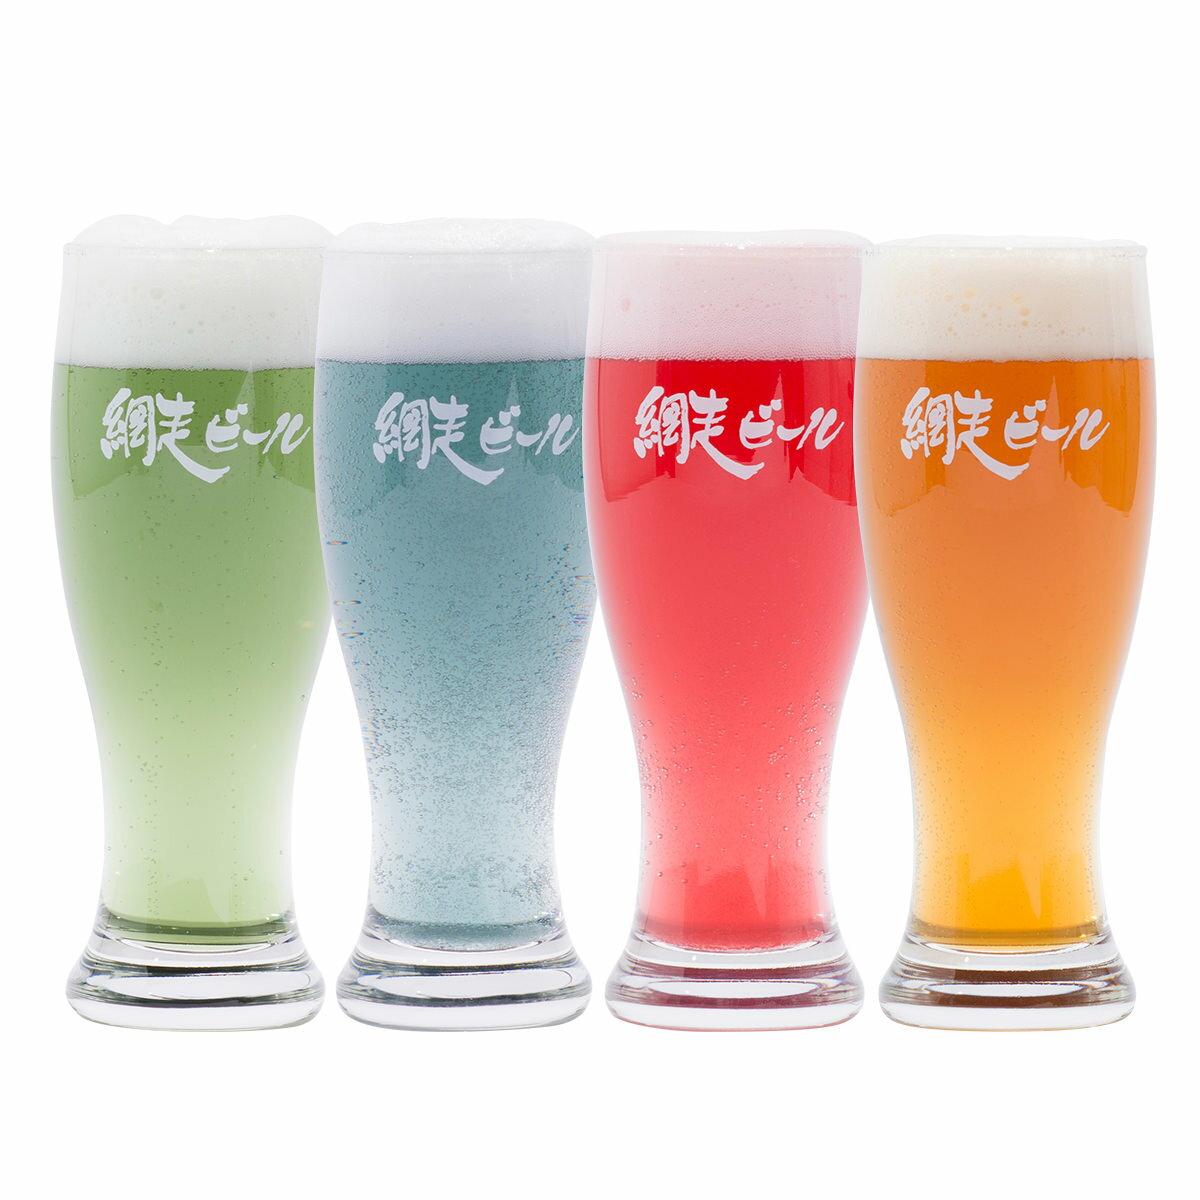 送料無料 ビール 飲み比べ 国産ビール 北海道 お取り寄せ 網走ビール 8本 詰合せ セット 330ml×8本 人気の桜桃の雫